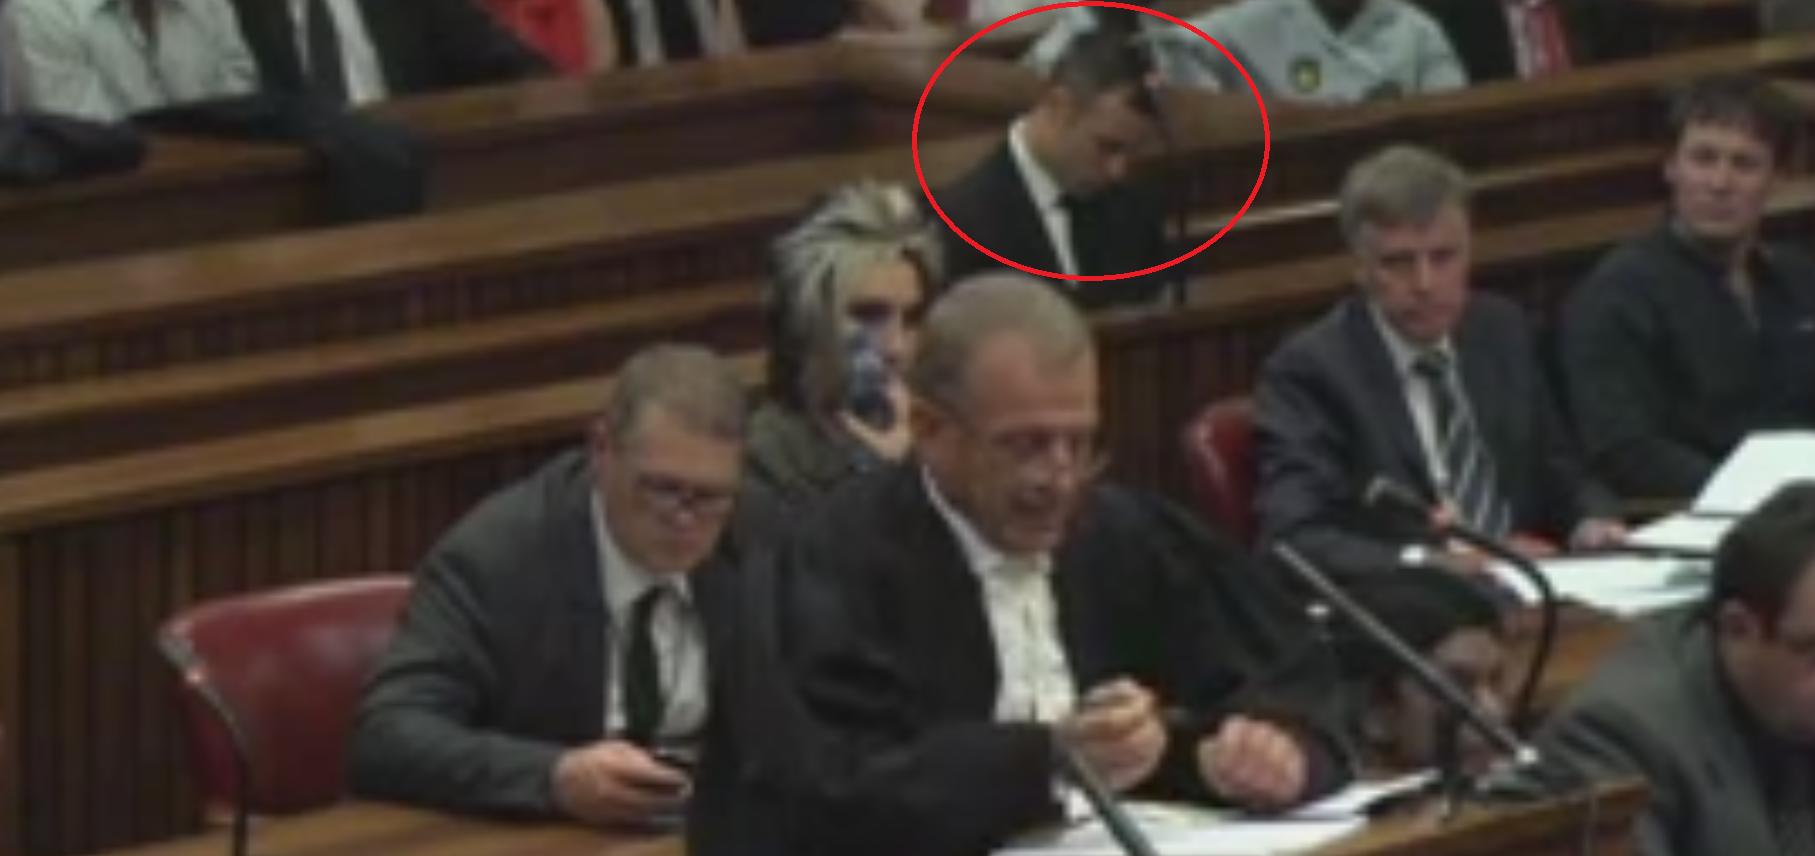 Procesul lui Oscar Pistorius va fi REJUDECAT. Campionul paralimpic a fost condamnat la 5 ani de inchisoare cu executare